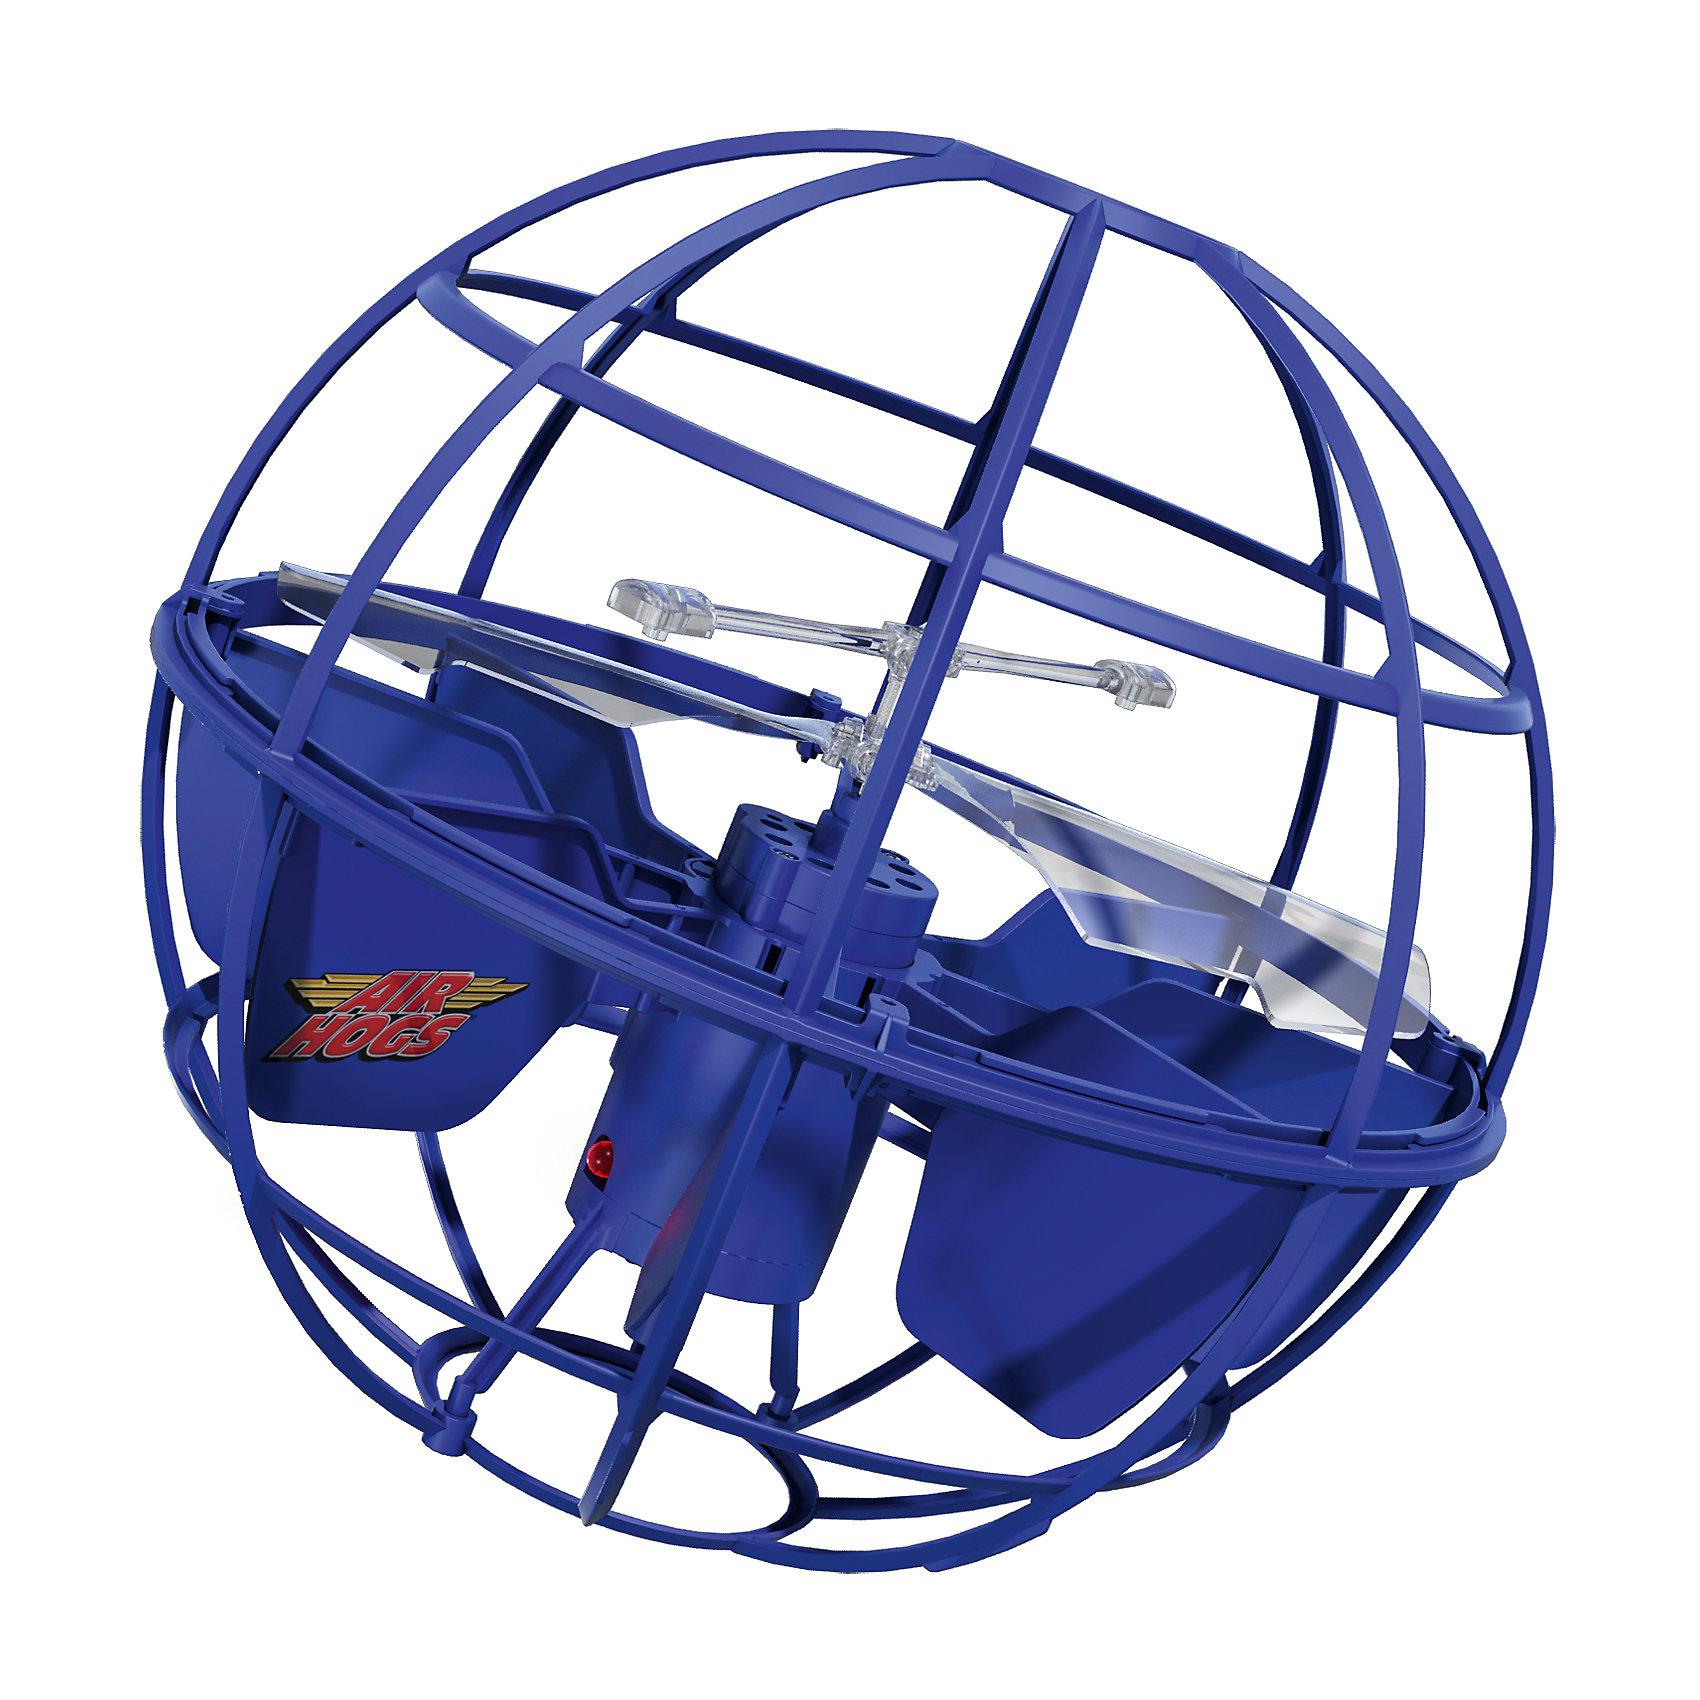 Игрушка НЛО Летающий шар, AIR HOGS, 44475/20063614Р/У Прочий транспорт<br>Игрушка НЛО Летающий шар, AIR HOGS - необычная игрушка, которая светится во время полета и может управляться при помощи рук, без пульта дистанционного управления (игроку необходимо лишь поднести ладонь к основанию летающего шара AIR HOGS НЛО).  У игрушки AIR HOGS НЛО есть сенсорные датчики, которые позволяют ей облетать препятствия, не задевая их, а также зависать в воздухе. Игрушка шар летающий AIR HOGS НЛО может быть использована одним игроком или же с ней могут играть два игрока, перекидывая ее друг другу. Летающий шар AIR HOGS НЛО может летать на определенном расстоянии от поверхности. Ребенок может самостоятельно регулировать высоту полета при помощи ладошек.  Как играть: 1) Включите игрушку (кнопка ON) 2) Установите игрушку на ровную поверхность (или пол), не берите сразу в руки. Игрушка начнет подниматься вверх/вниз, и через несколько секунд она начнет летать более сбалансированно. 3) Игра руками: НЛО зависает над вашей вытянутой рукой. 4) Перекидывание: возьмите тарелку за антенну и легонько перекиньте напарнику под углом 10-30 градусов. 5) После окончания игры нажмите кнопку Off-  Дополнительная информация:  - Диаметр игрушки: 14 см. - Материал: ударопрочный пластик, встроенные сенсорные датчики. - Игрушка светится во время полета. - Для работы необходимы 6 батареек х АА (в наборе нет).   Игрушку НЛО Летающий шар, AIR HOGS можно купить в нашем интернет-магазине.<br><br>Ширина мм: 130<br>Глубина мм: 300<br>Высота мм: 230<br>Вес г: 419<br>Возраст от месяцев: 36<br>Возраст до месяцев: 96<br>Пол: Мужской<br>Возраст: Детский<br>SKU: 4835984